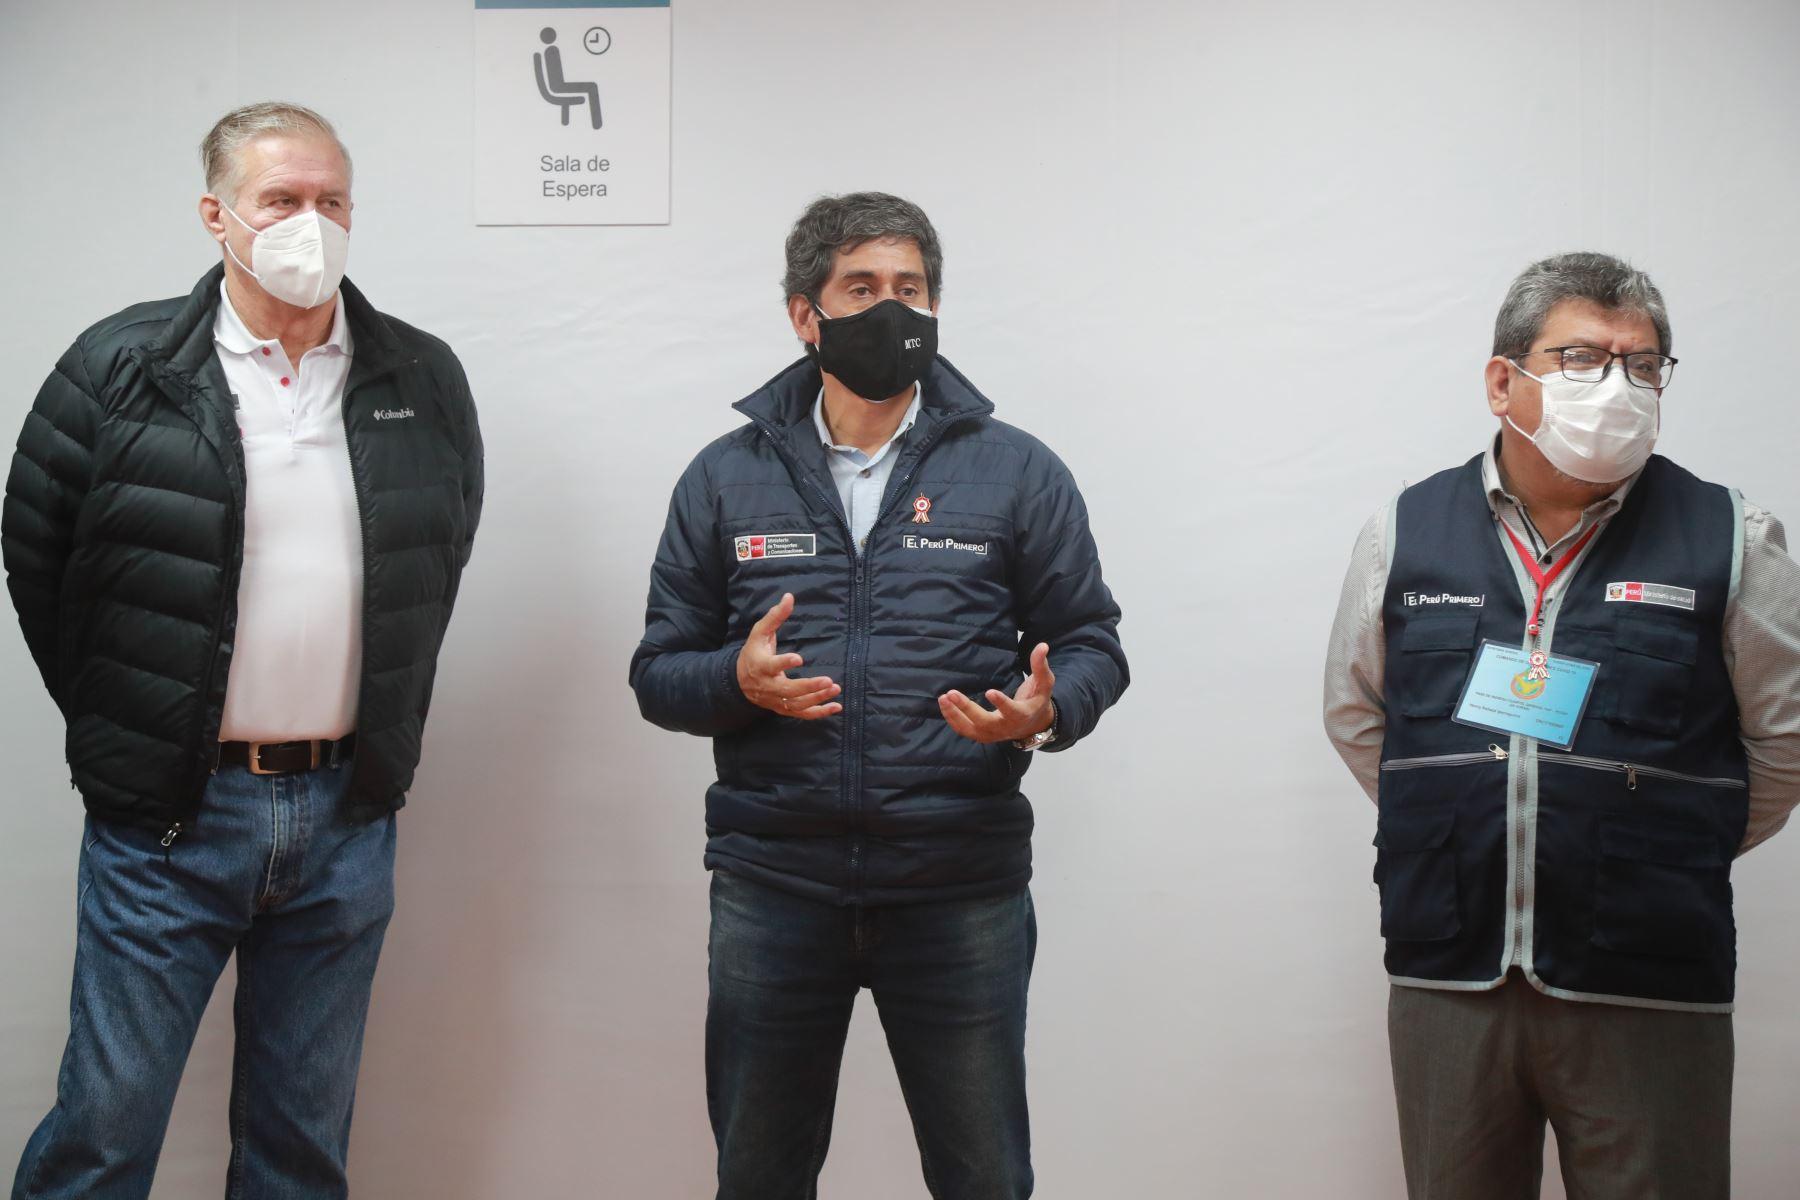 El Ministro de Transporte y Comunicaciones Carlos Lozada,lidera comitiva del Ejecutivo que coordina las acciones de atención a pacientes COVID-19 en La Libertad. Foto: ANDINA/MTC.